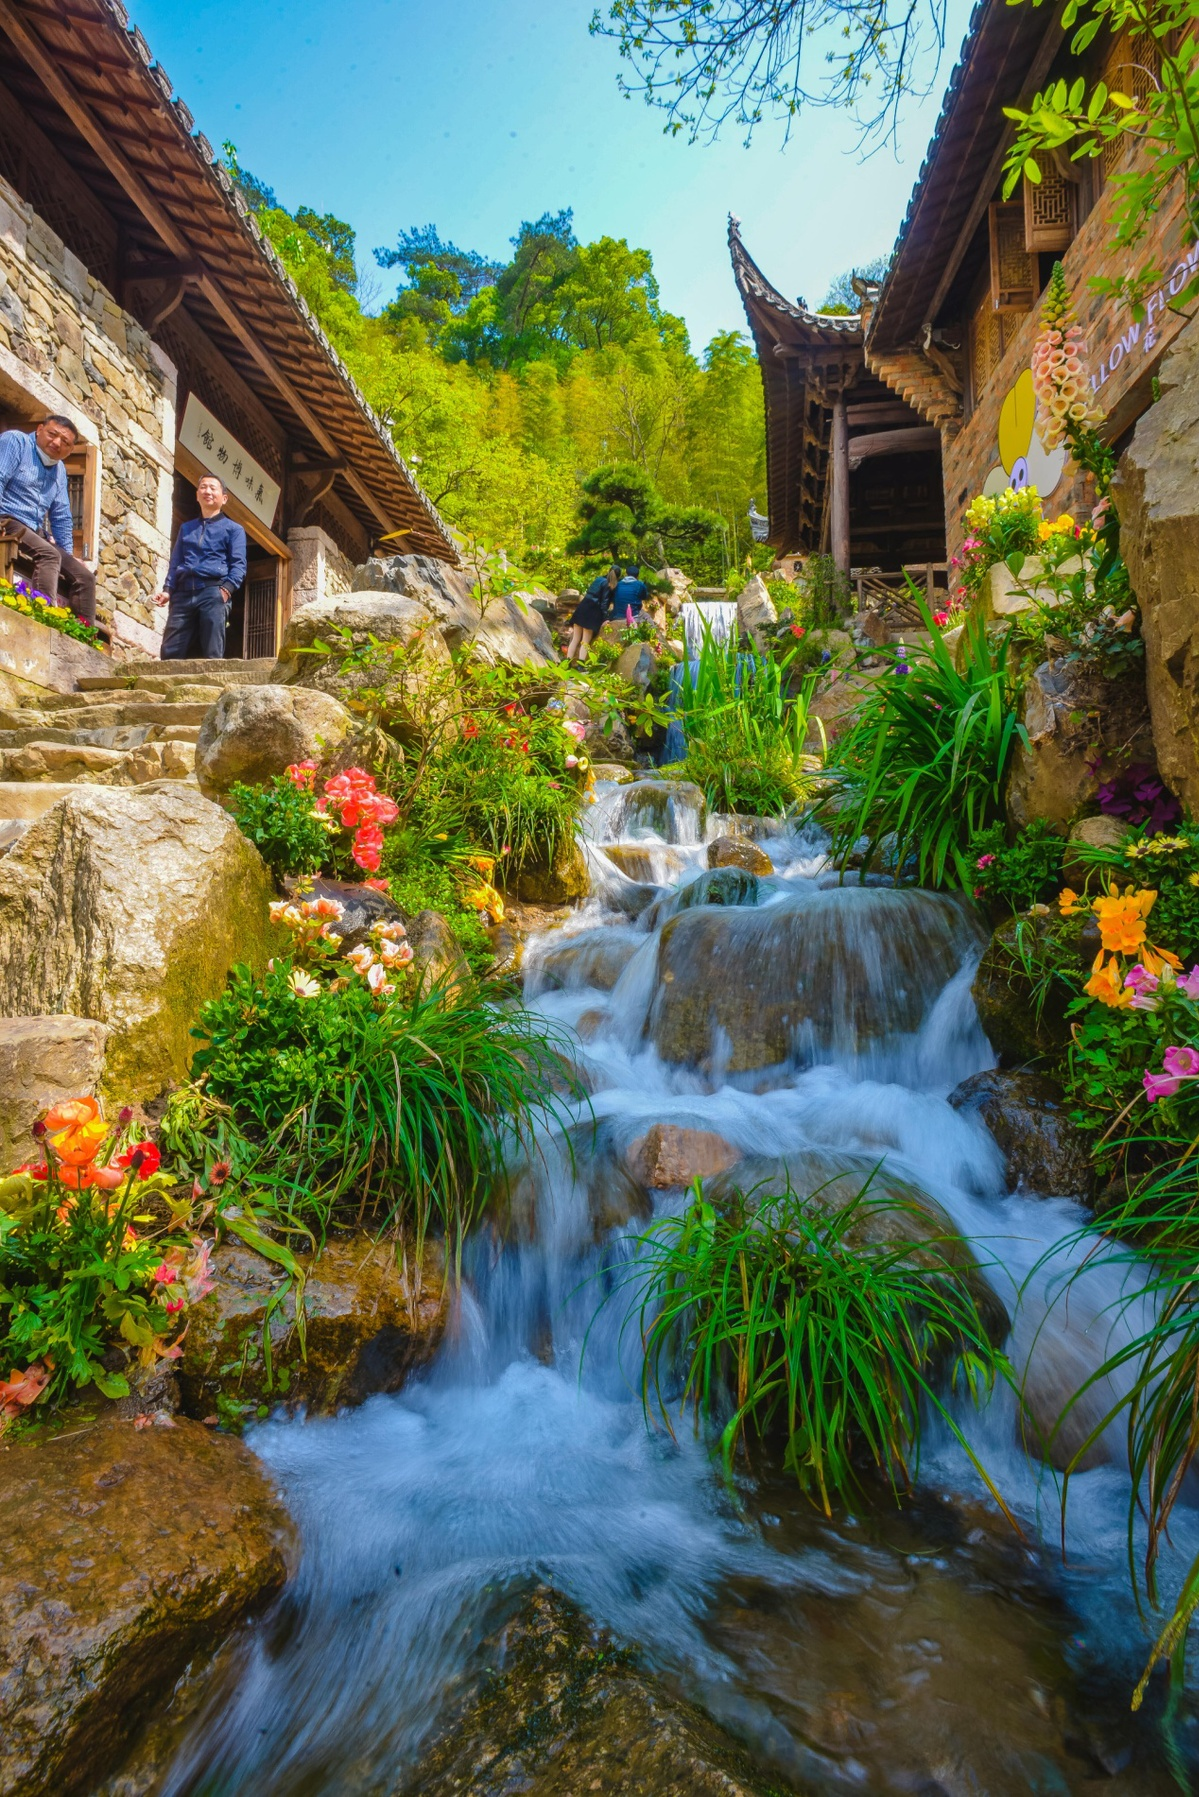 江西上饶婺源篁岭的鲜花小镇4.0盛装上线,把万亩梯田的春天转移到百年古村内